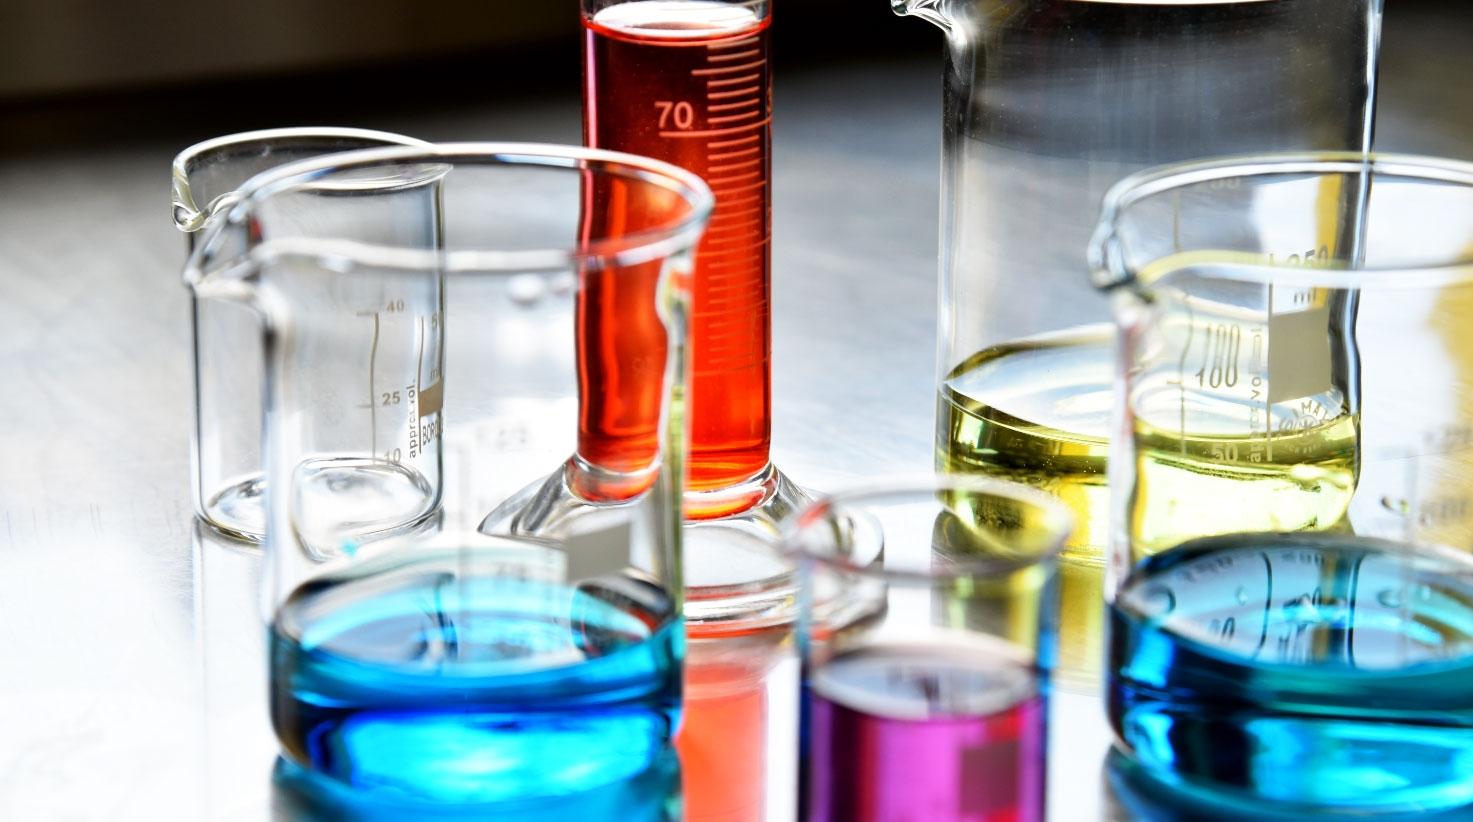 Messbecher & Zylinder zum Liquids selbst mischen